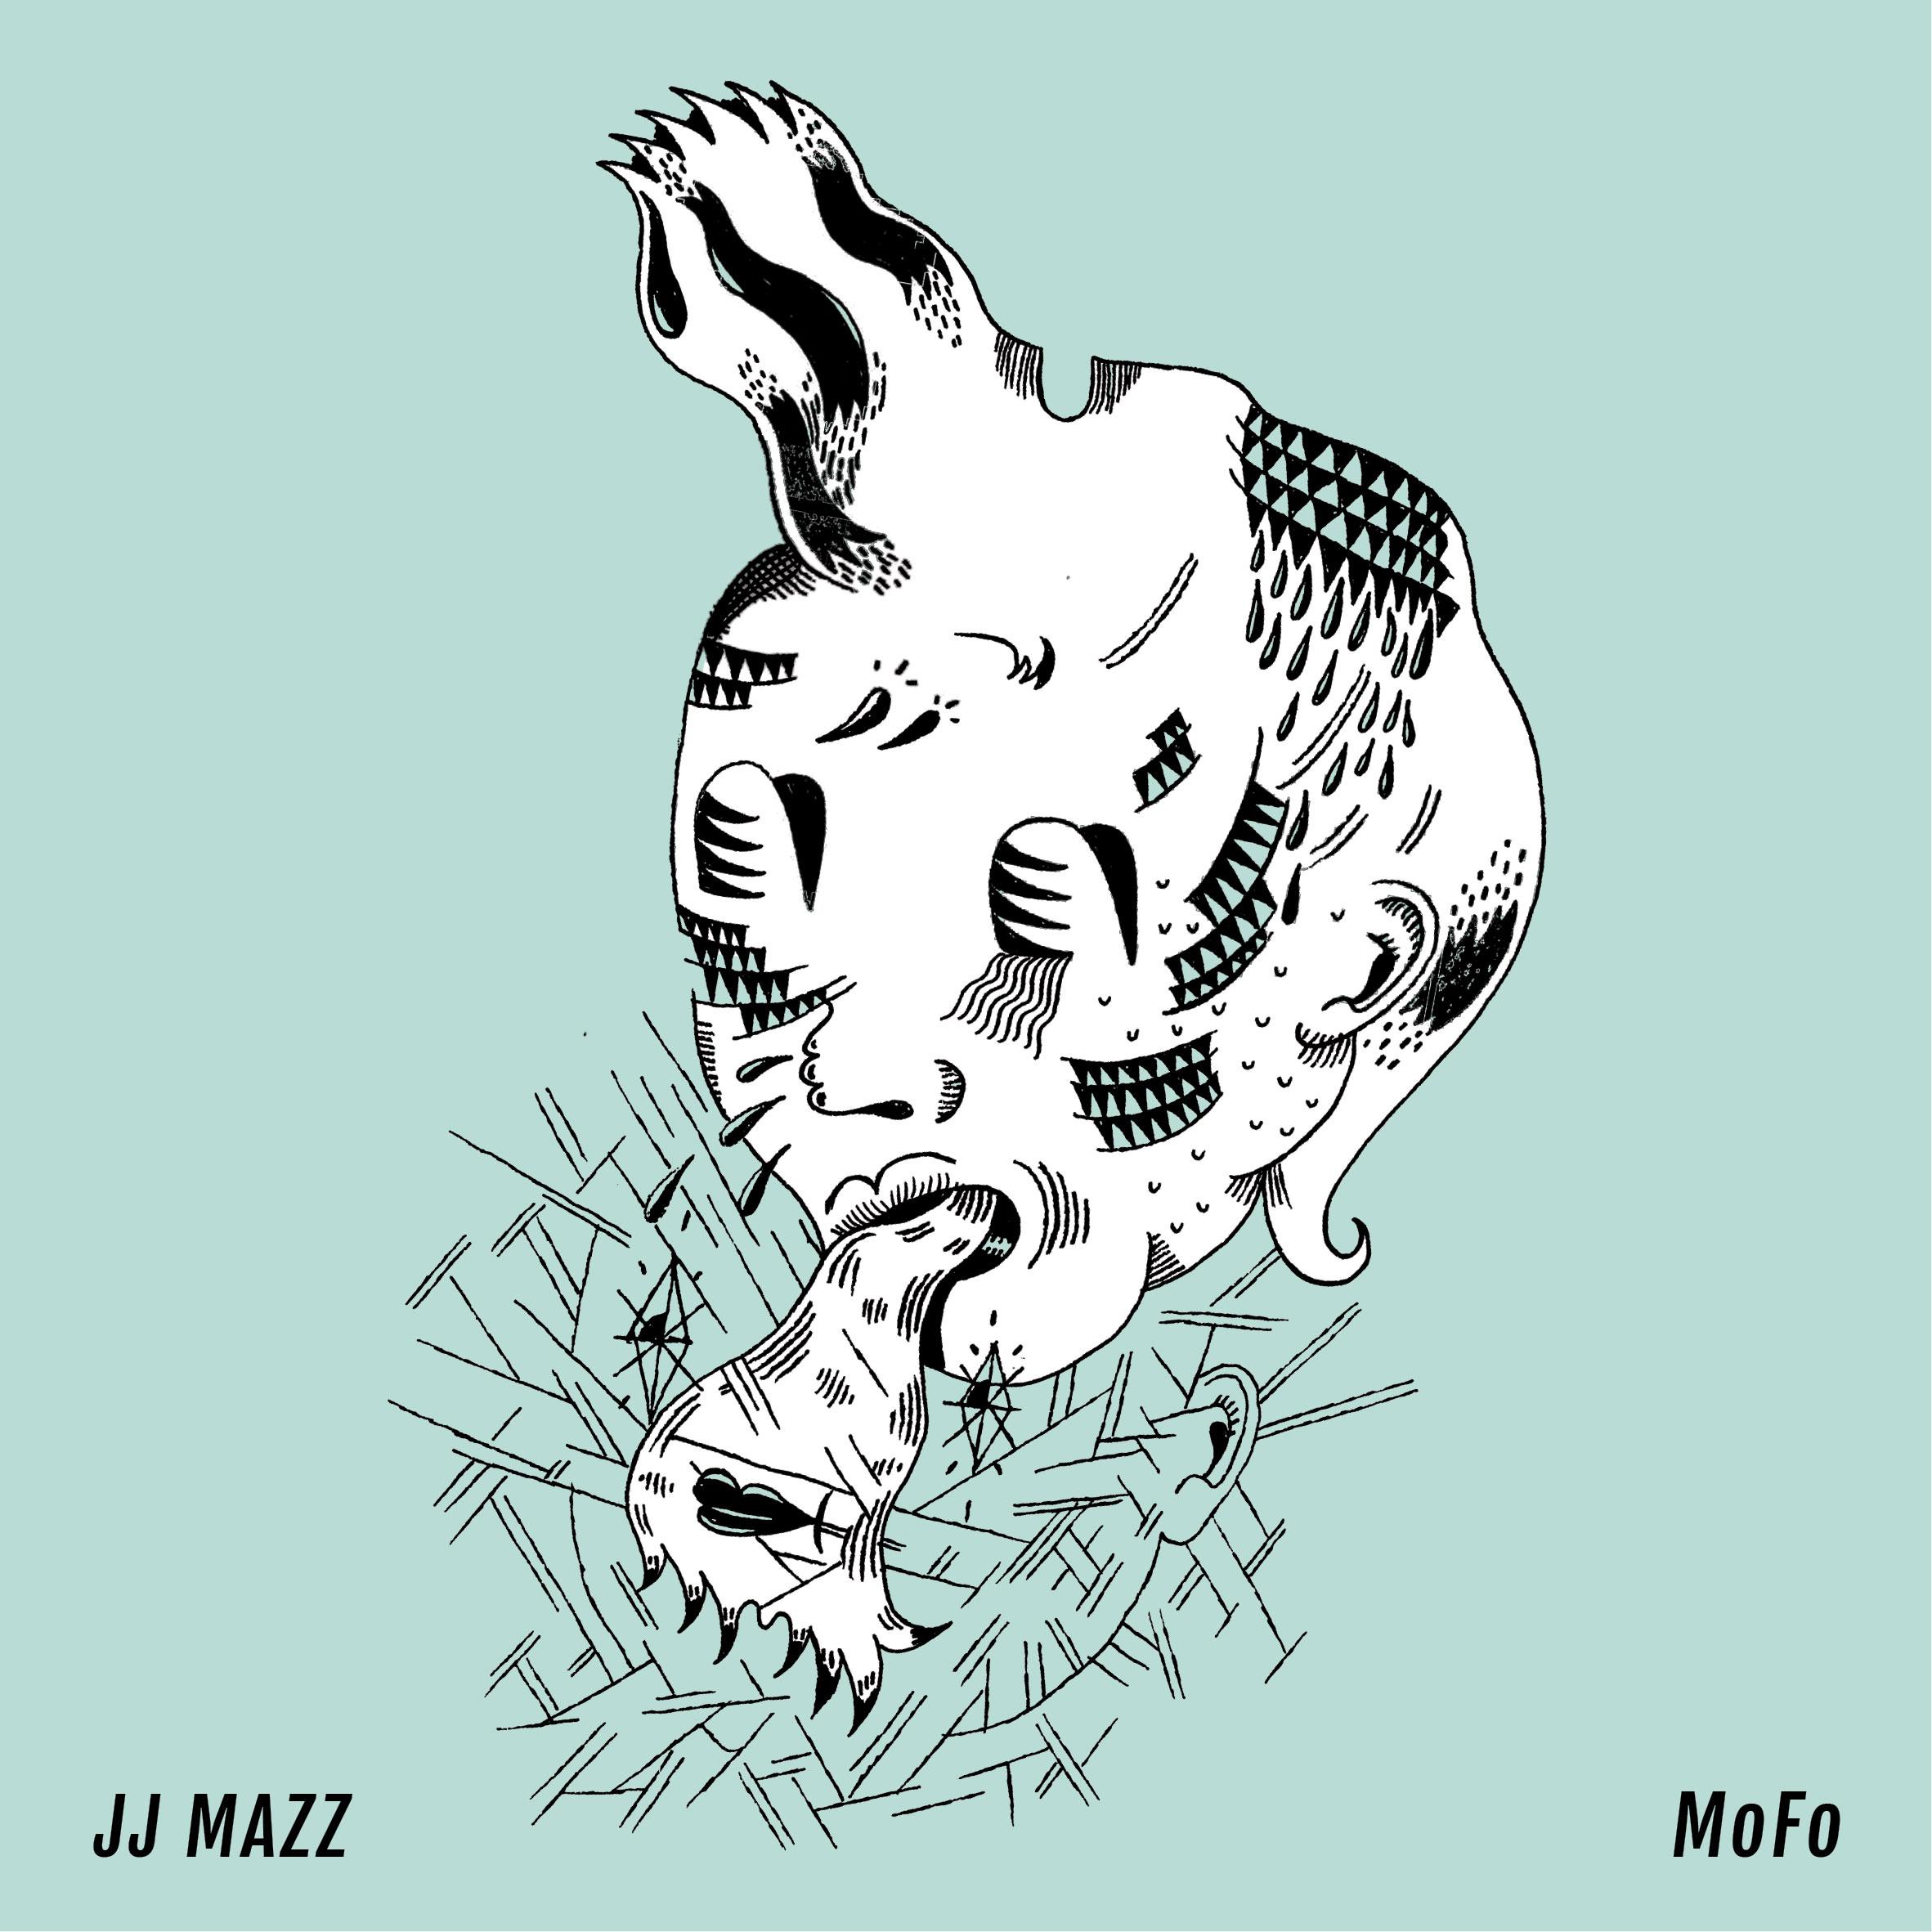 jj mazz MoFo cover